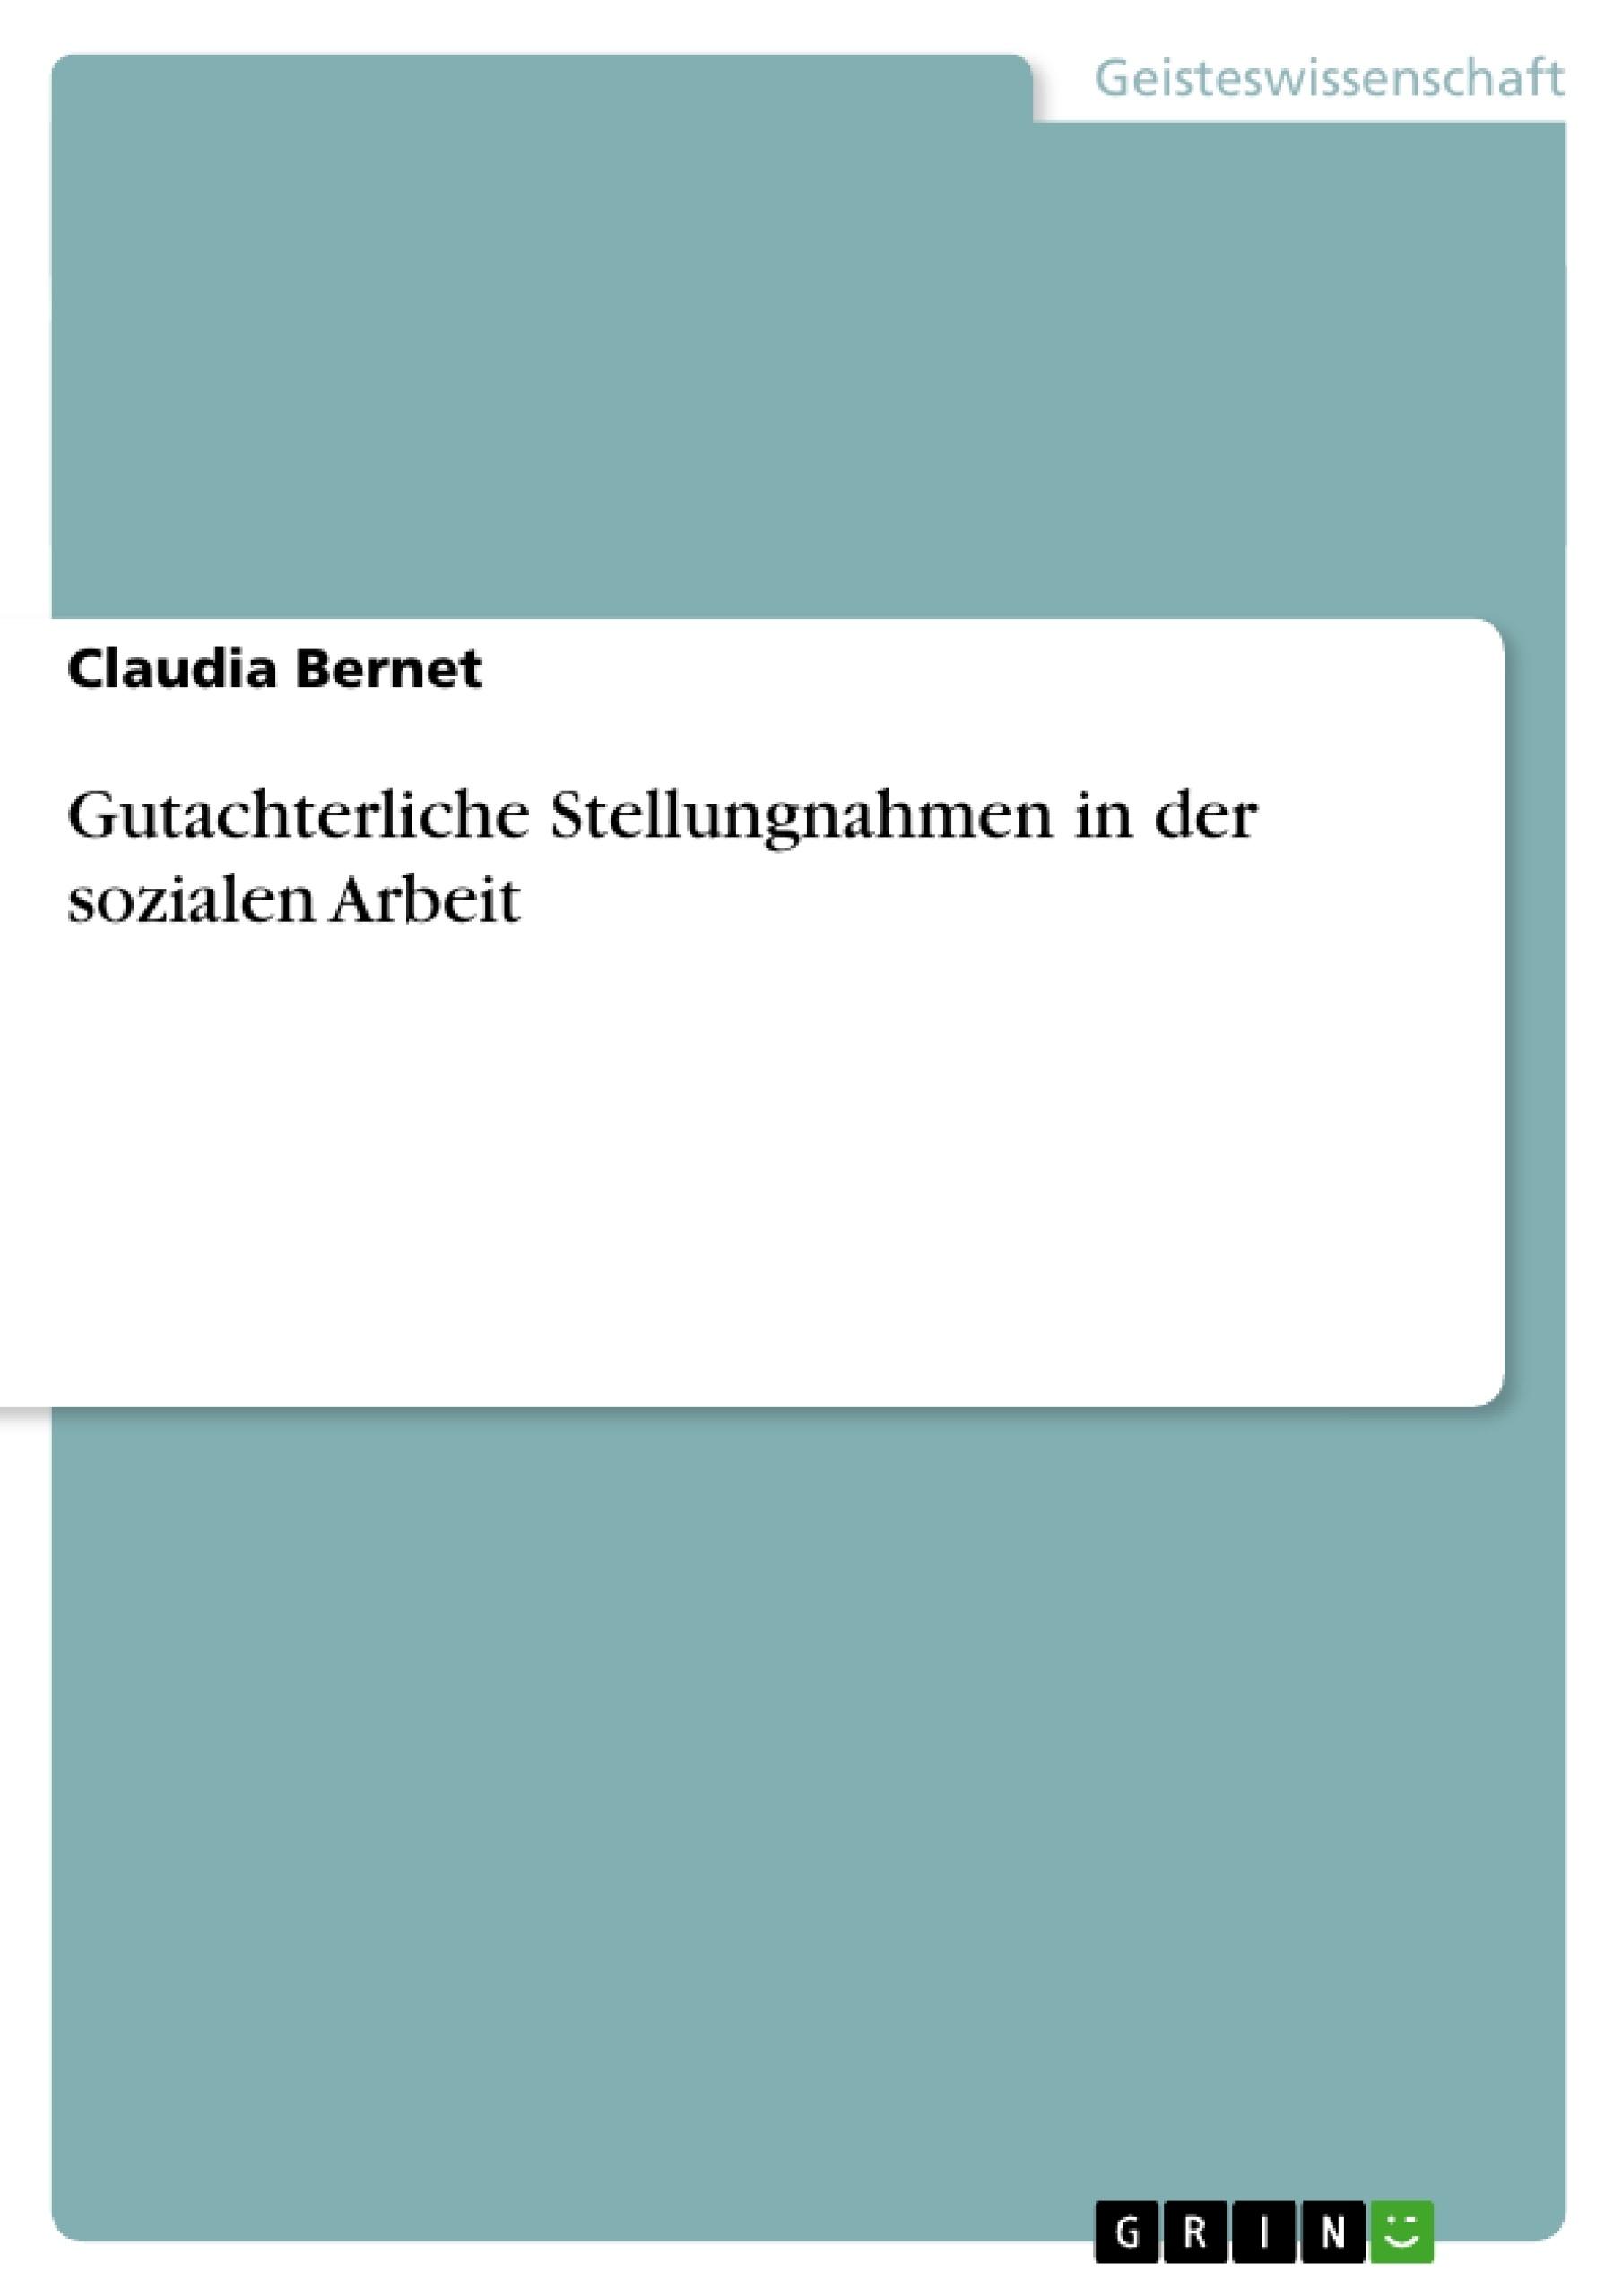 Titel: Gutachterliche Stellungnahmen in der sozialen Arbeit